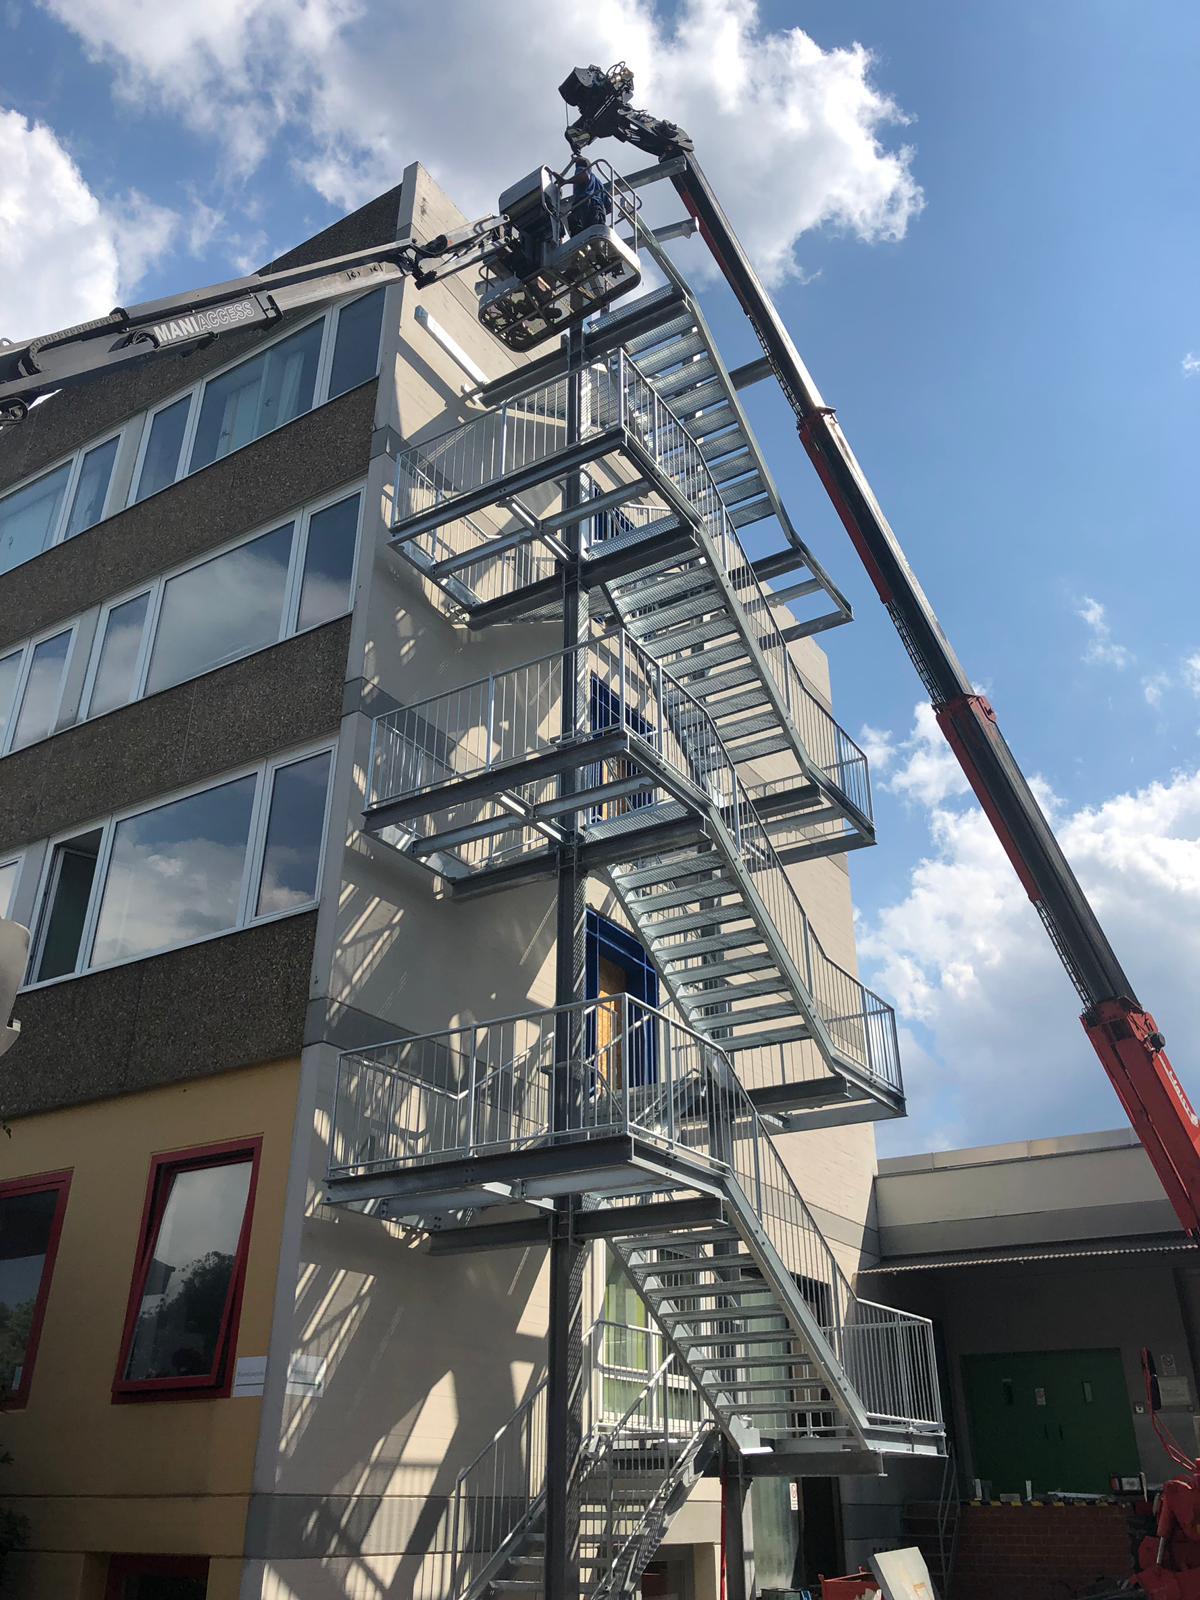 Flucht- und Rettungstreppe in Stuttgart-Vaihingen